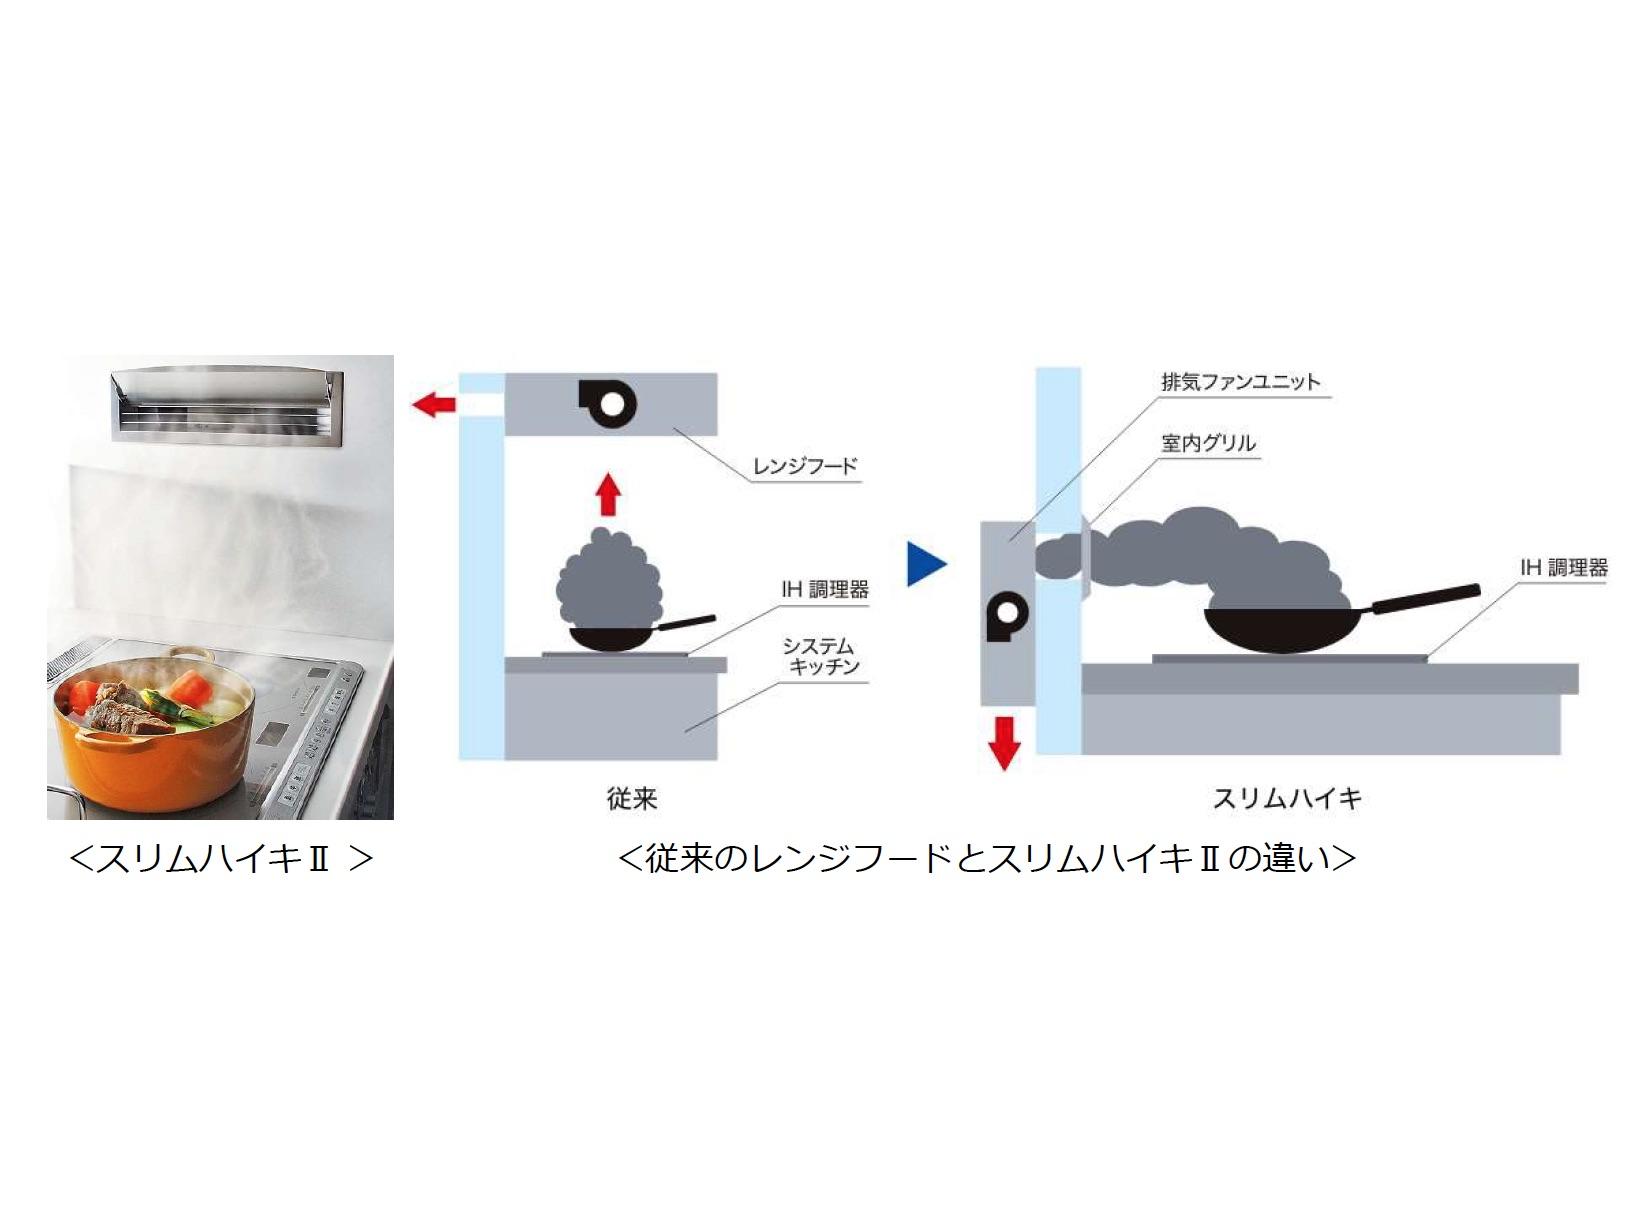 岡山のサンオリエント、「横から吸い込む換気扇」販売開始